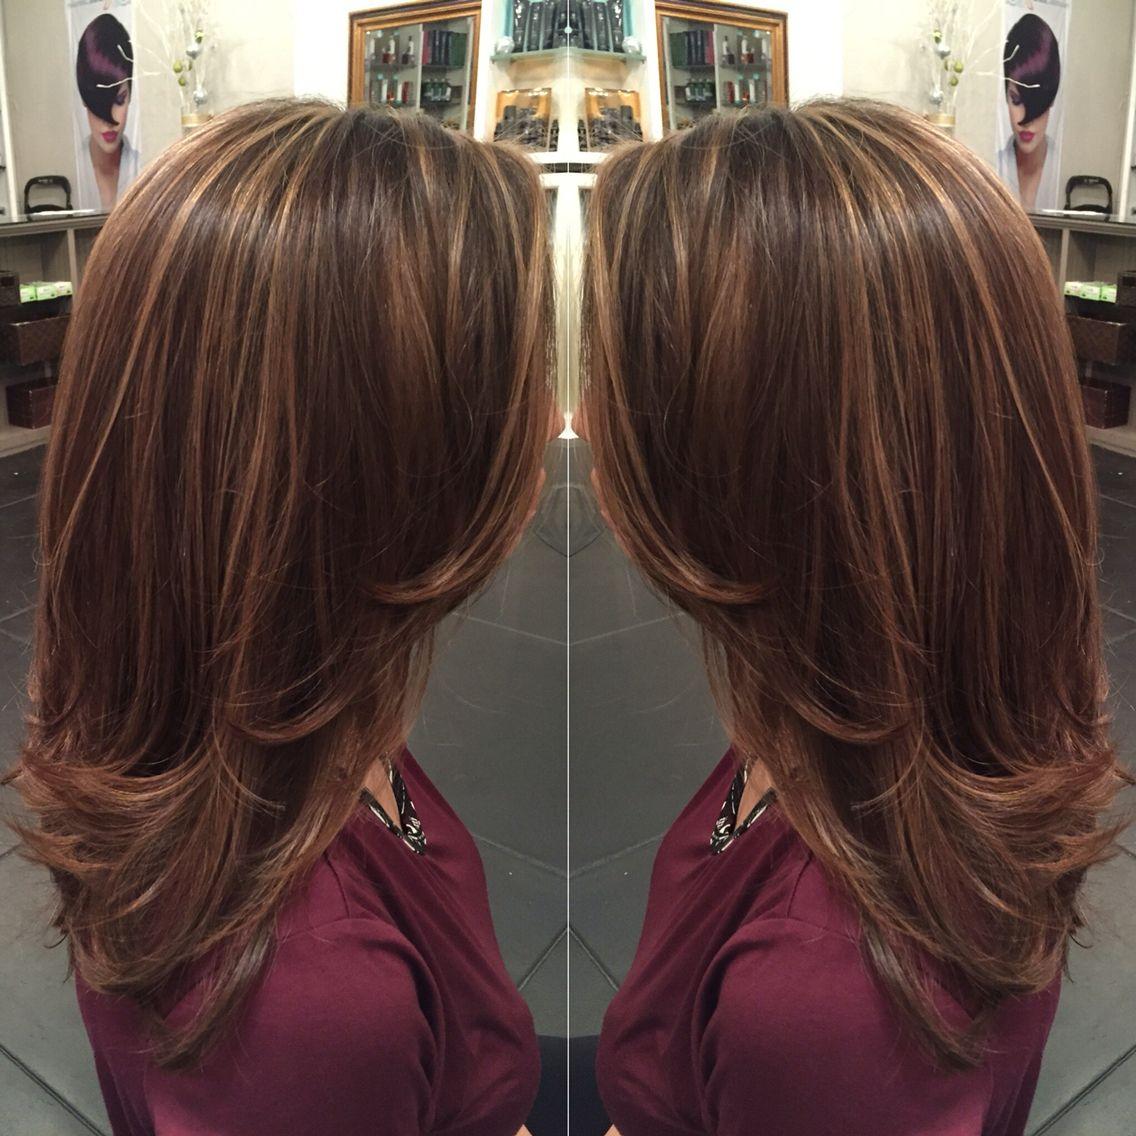 Caramel highlights on light brown hair and mid length hair ...